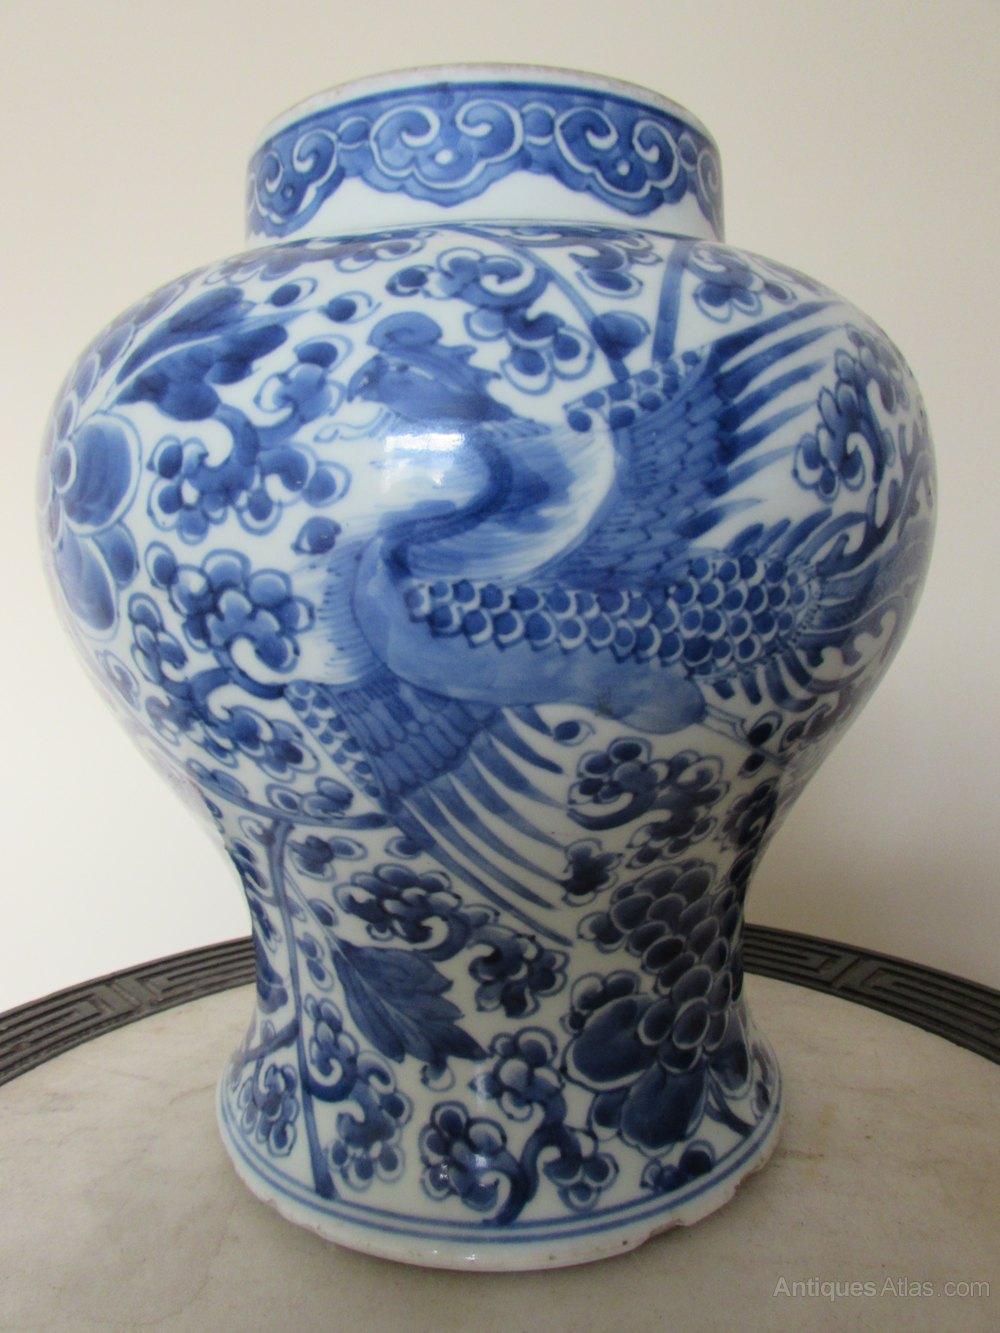 Antiques atlas chinese kangxi blue white phoenix baluster vase chinese kangxi blue white phoenix baluster vase reviewsmspy